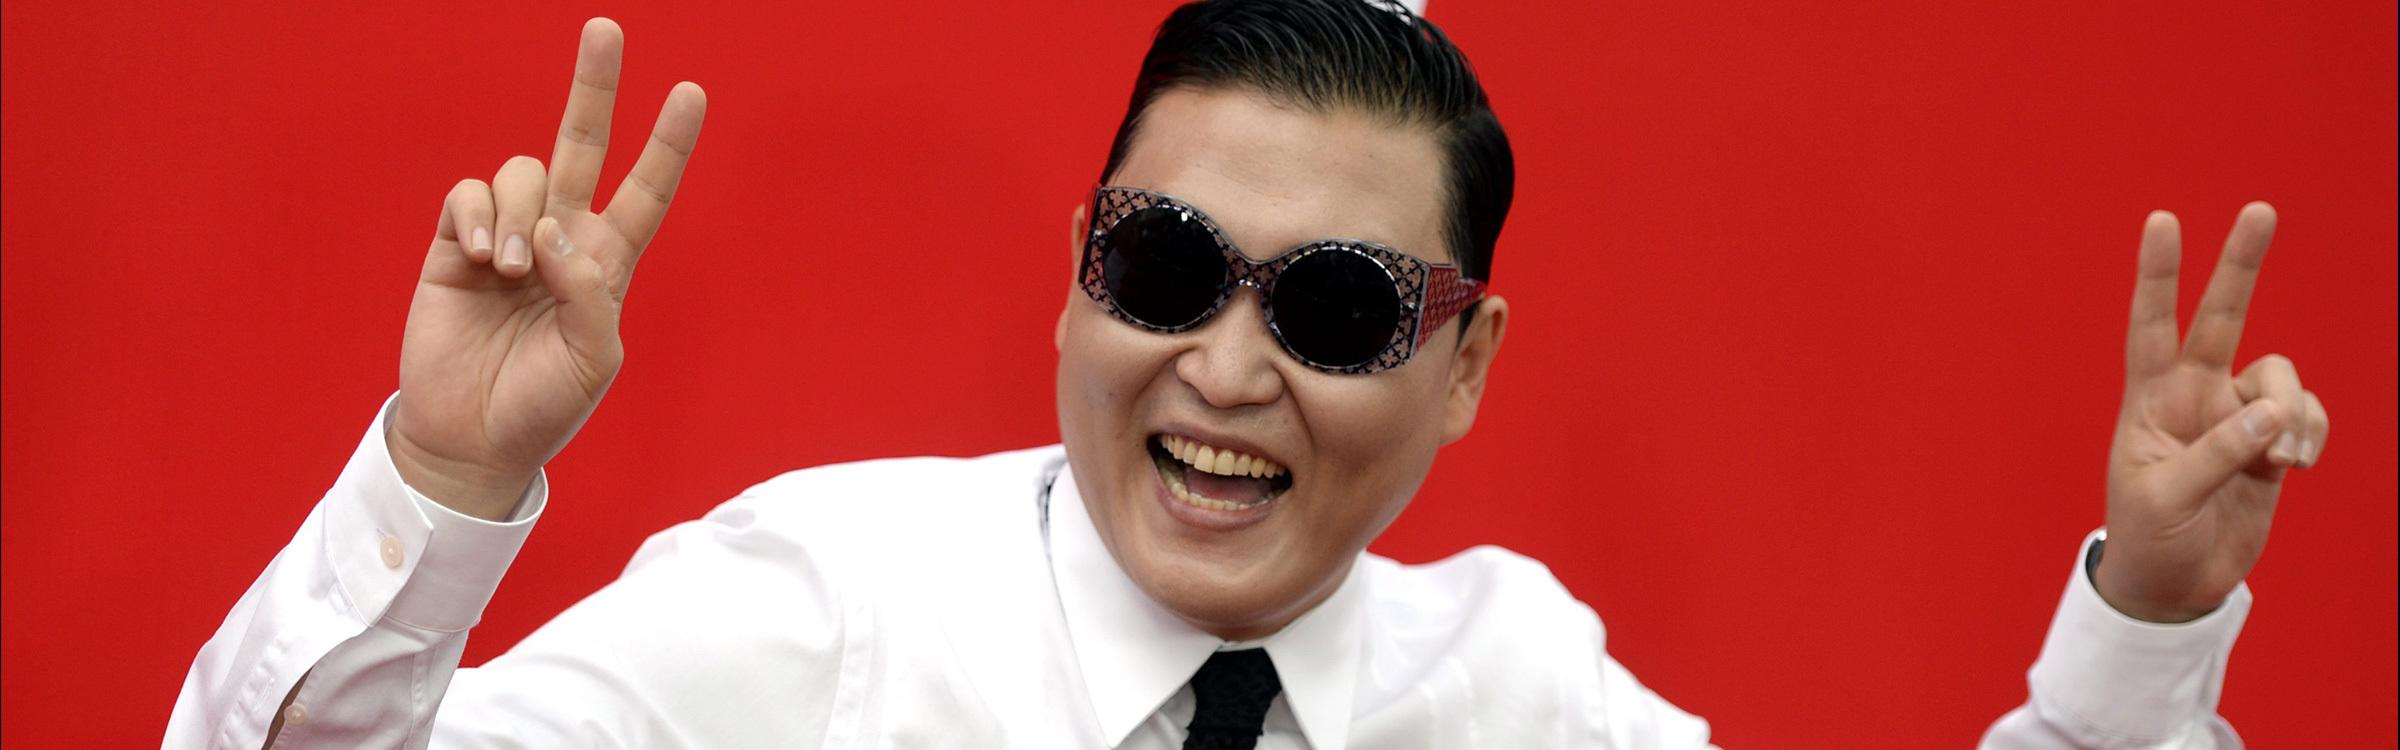 Psy2400